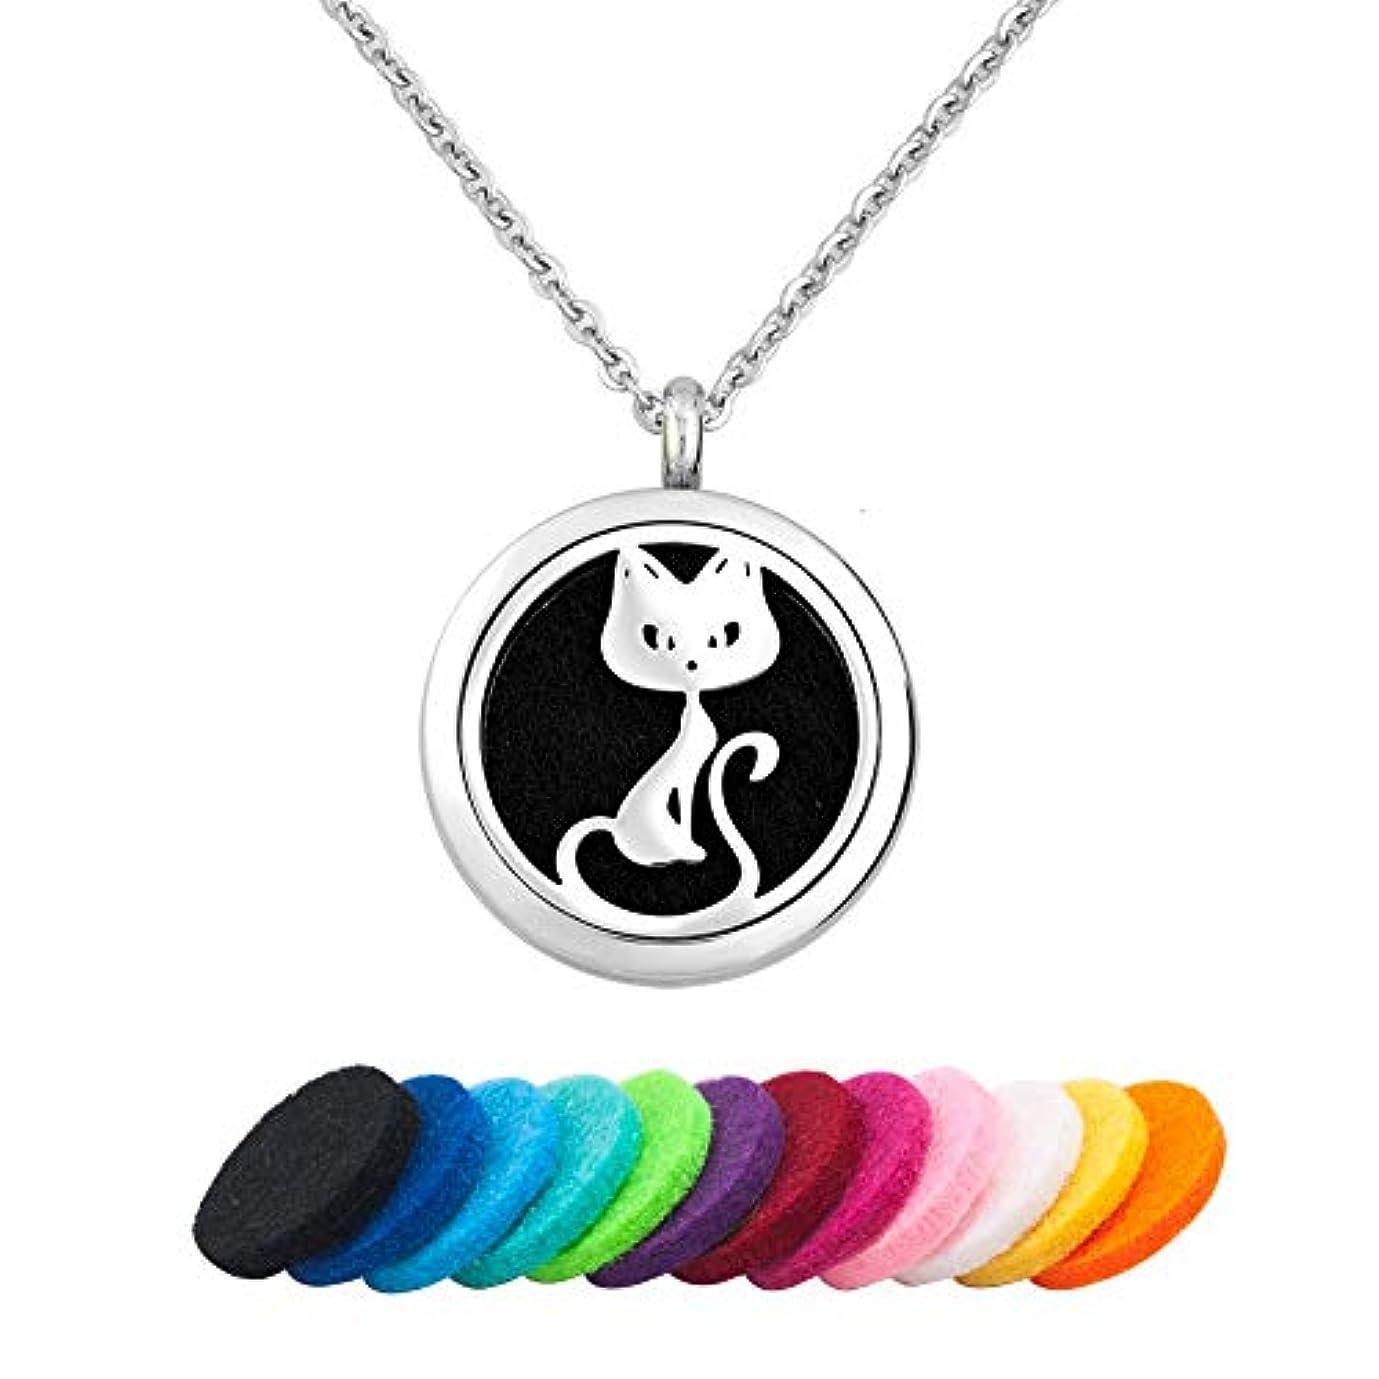 召集する降雨カウントInfinite Memories アロマセラピー 猫 エッセンシャルオイル ディフューザー ネックレス ステンレススチール ペンダントロケット